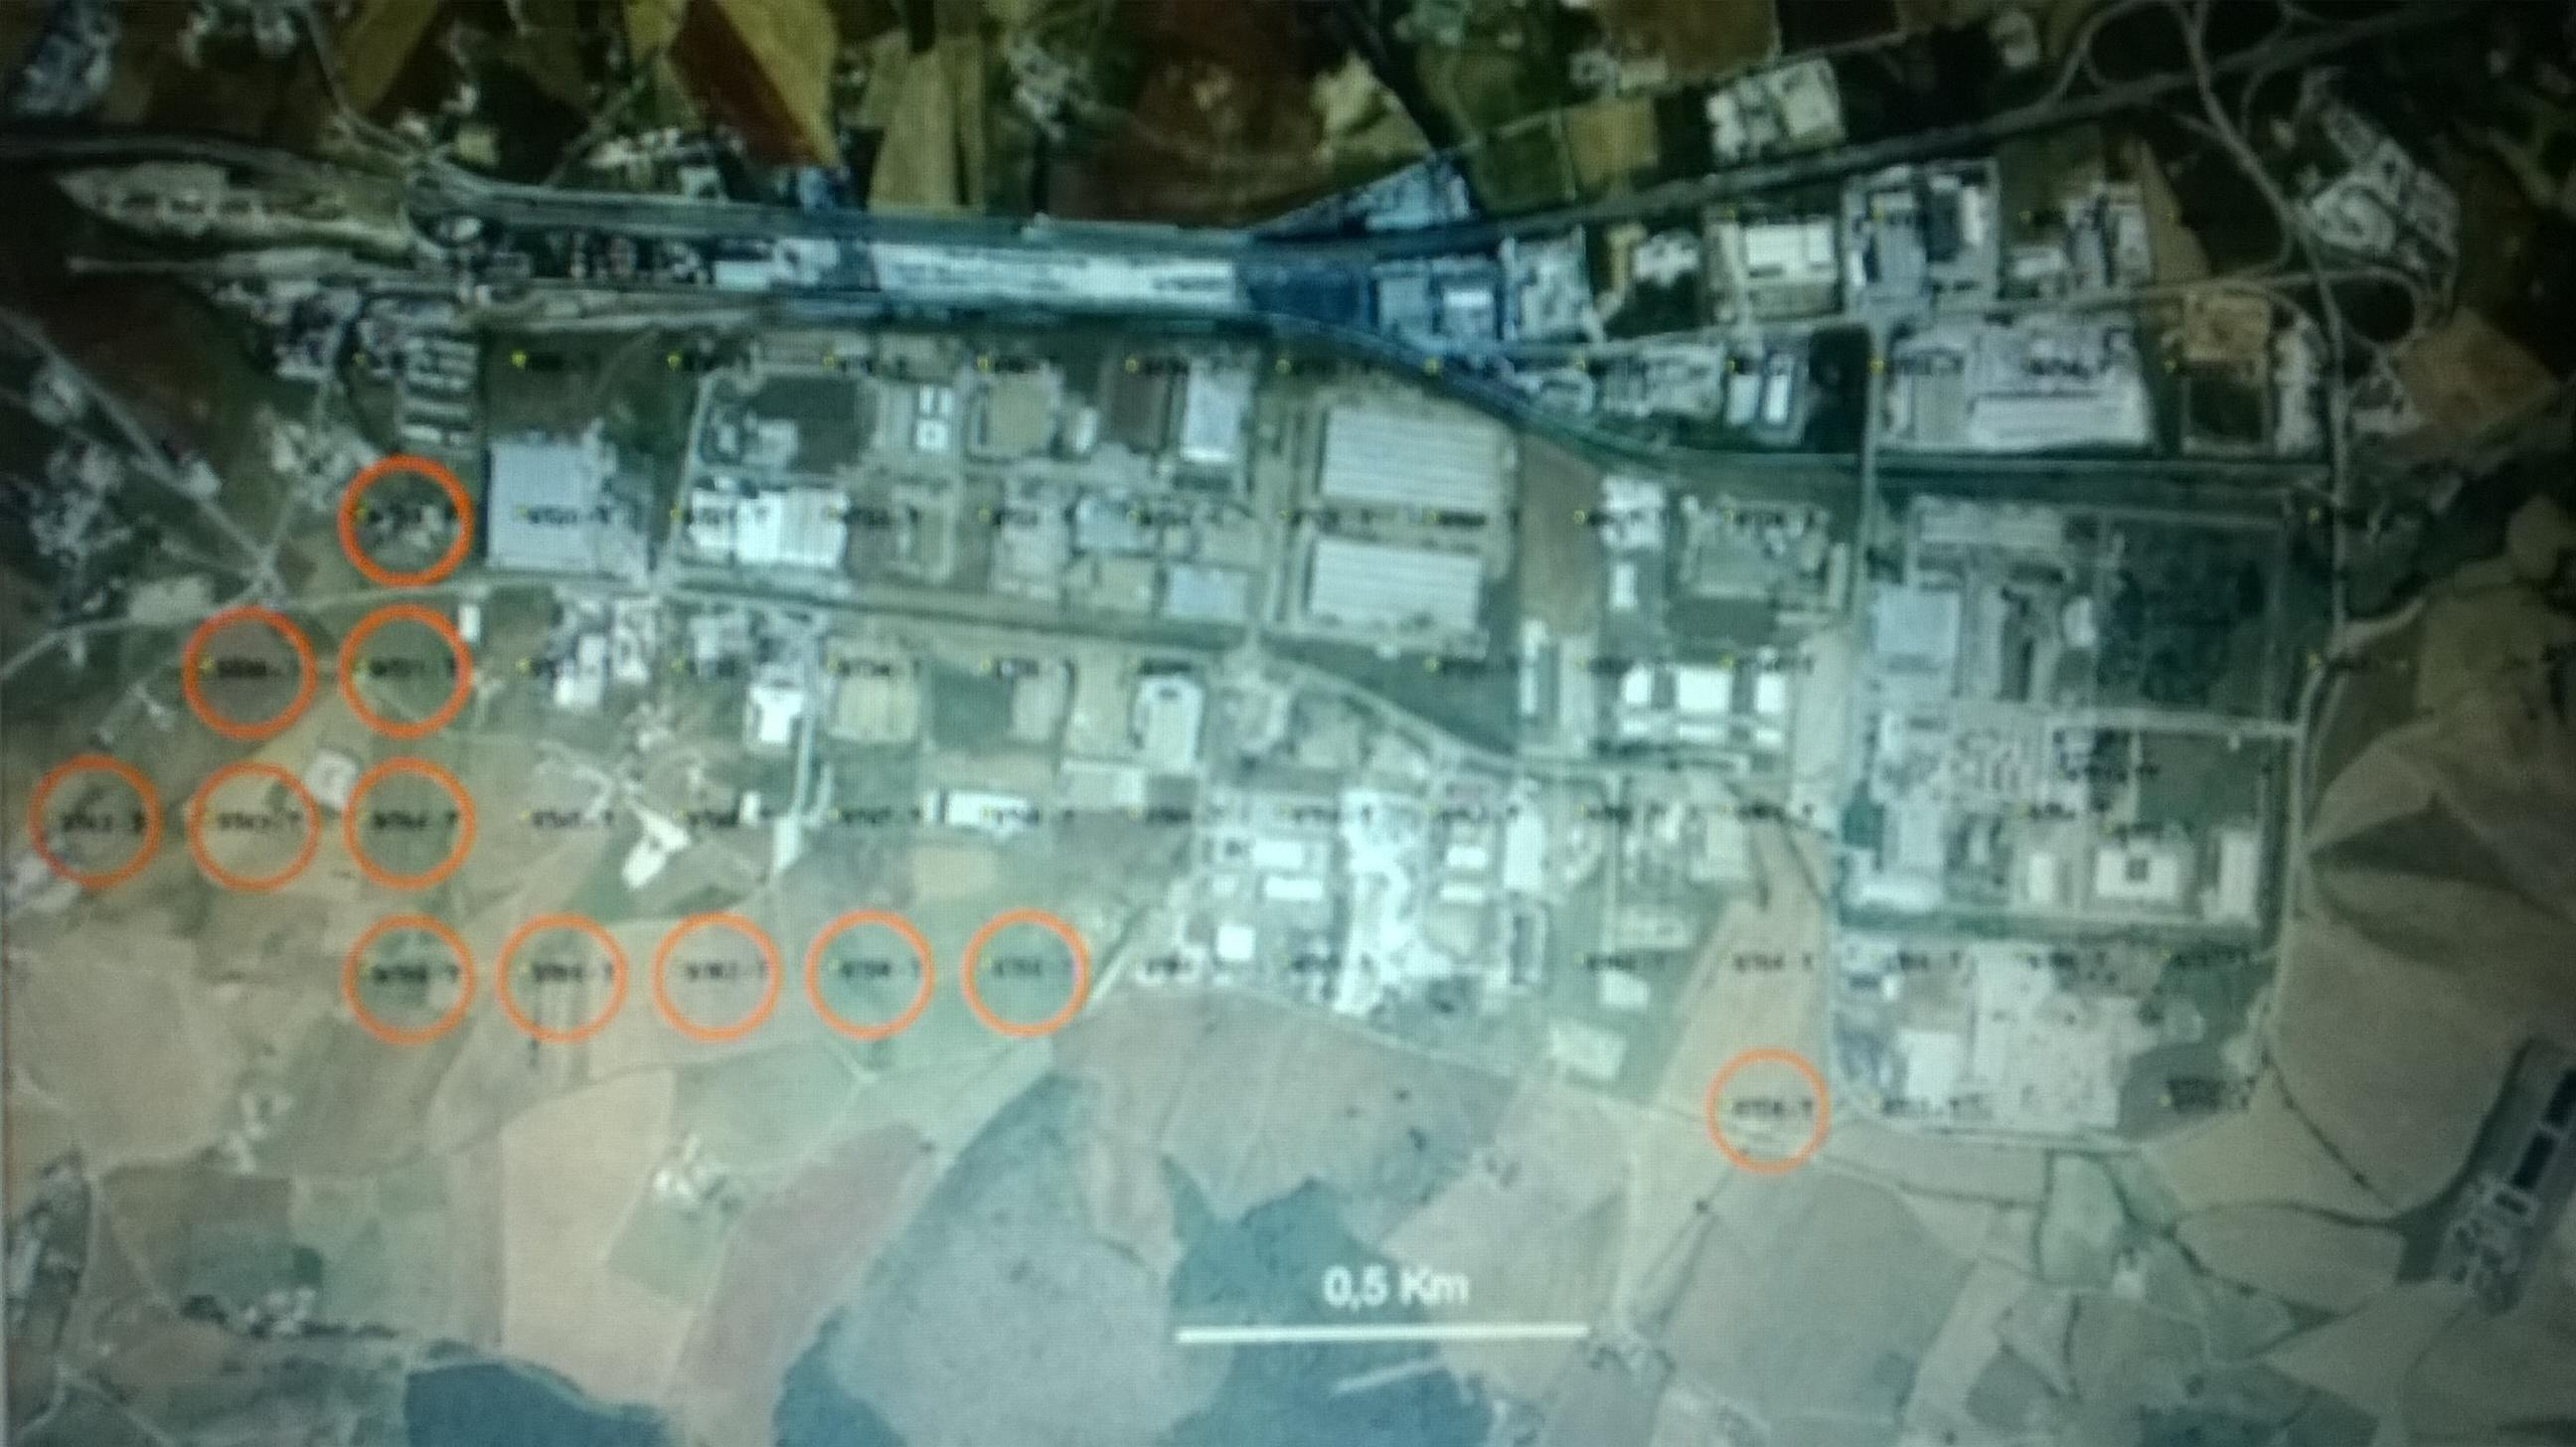 """I circoli rossi indicano i campioni selezionati come rappresentativi delle aree """"verdi"""": praticamente i suoli agricoli volti a coltivazioni alimentari valutati come aree residenziali"""